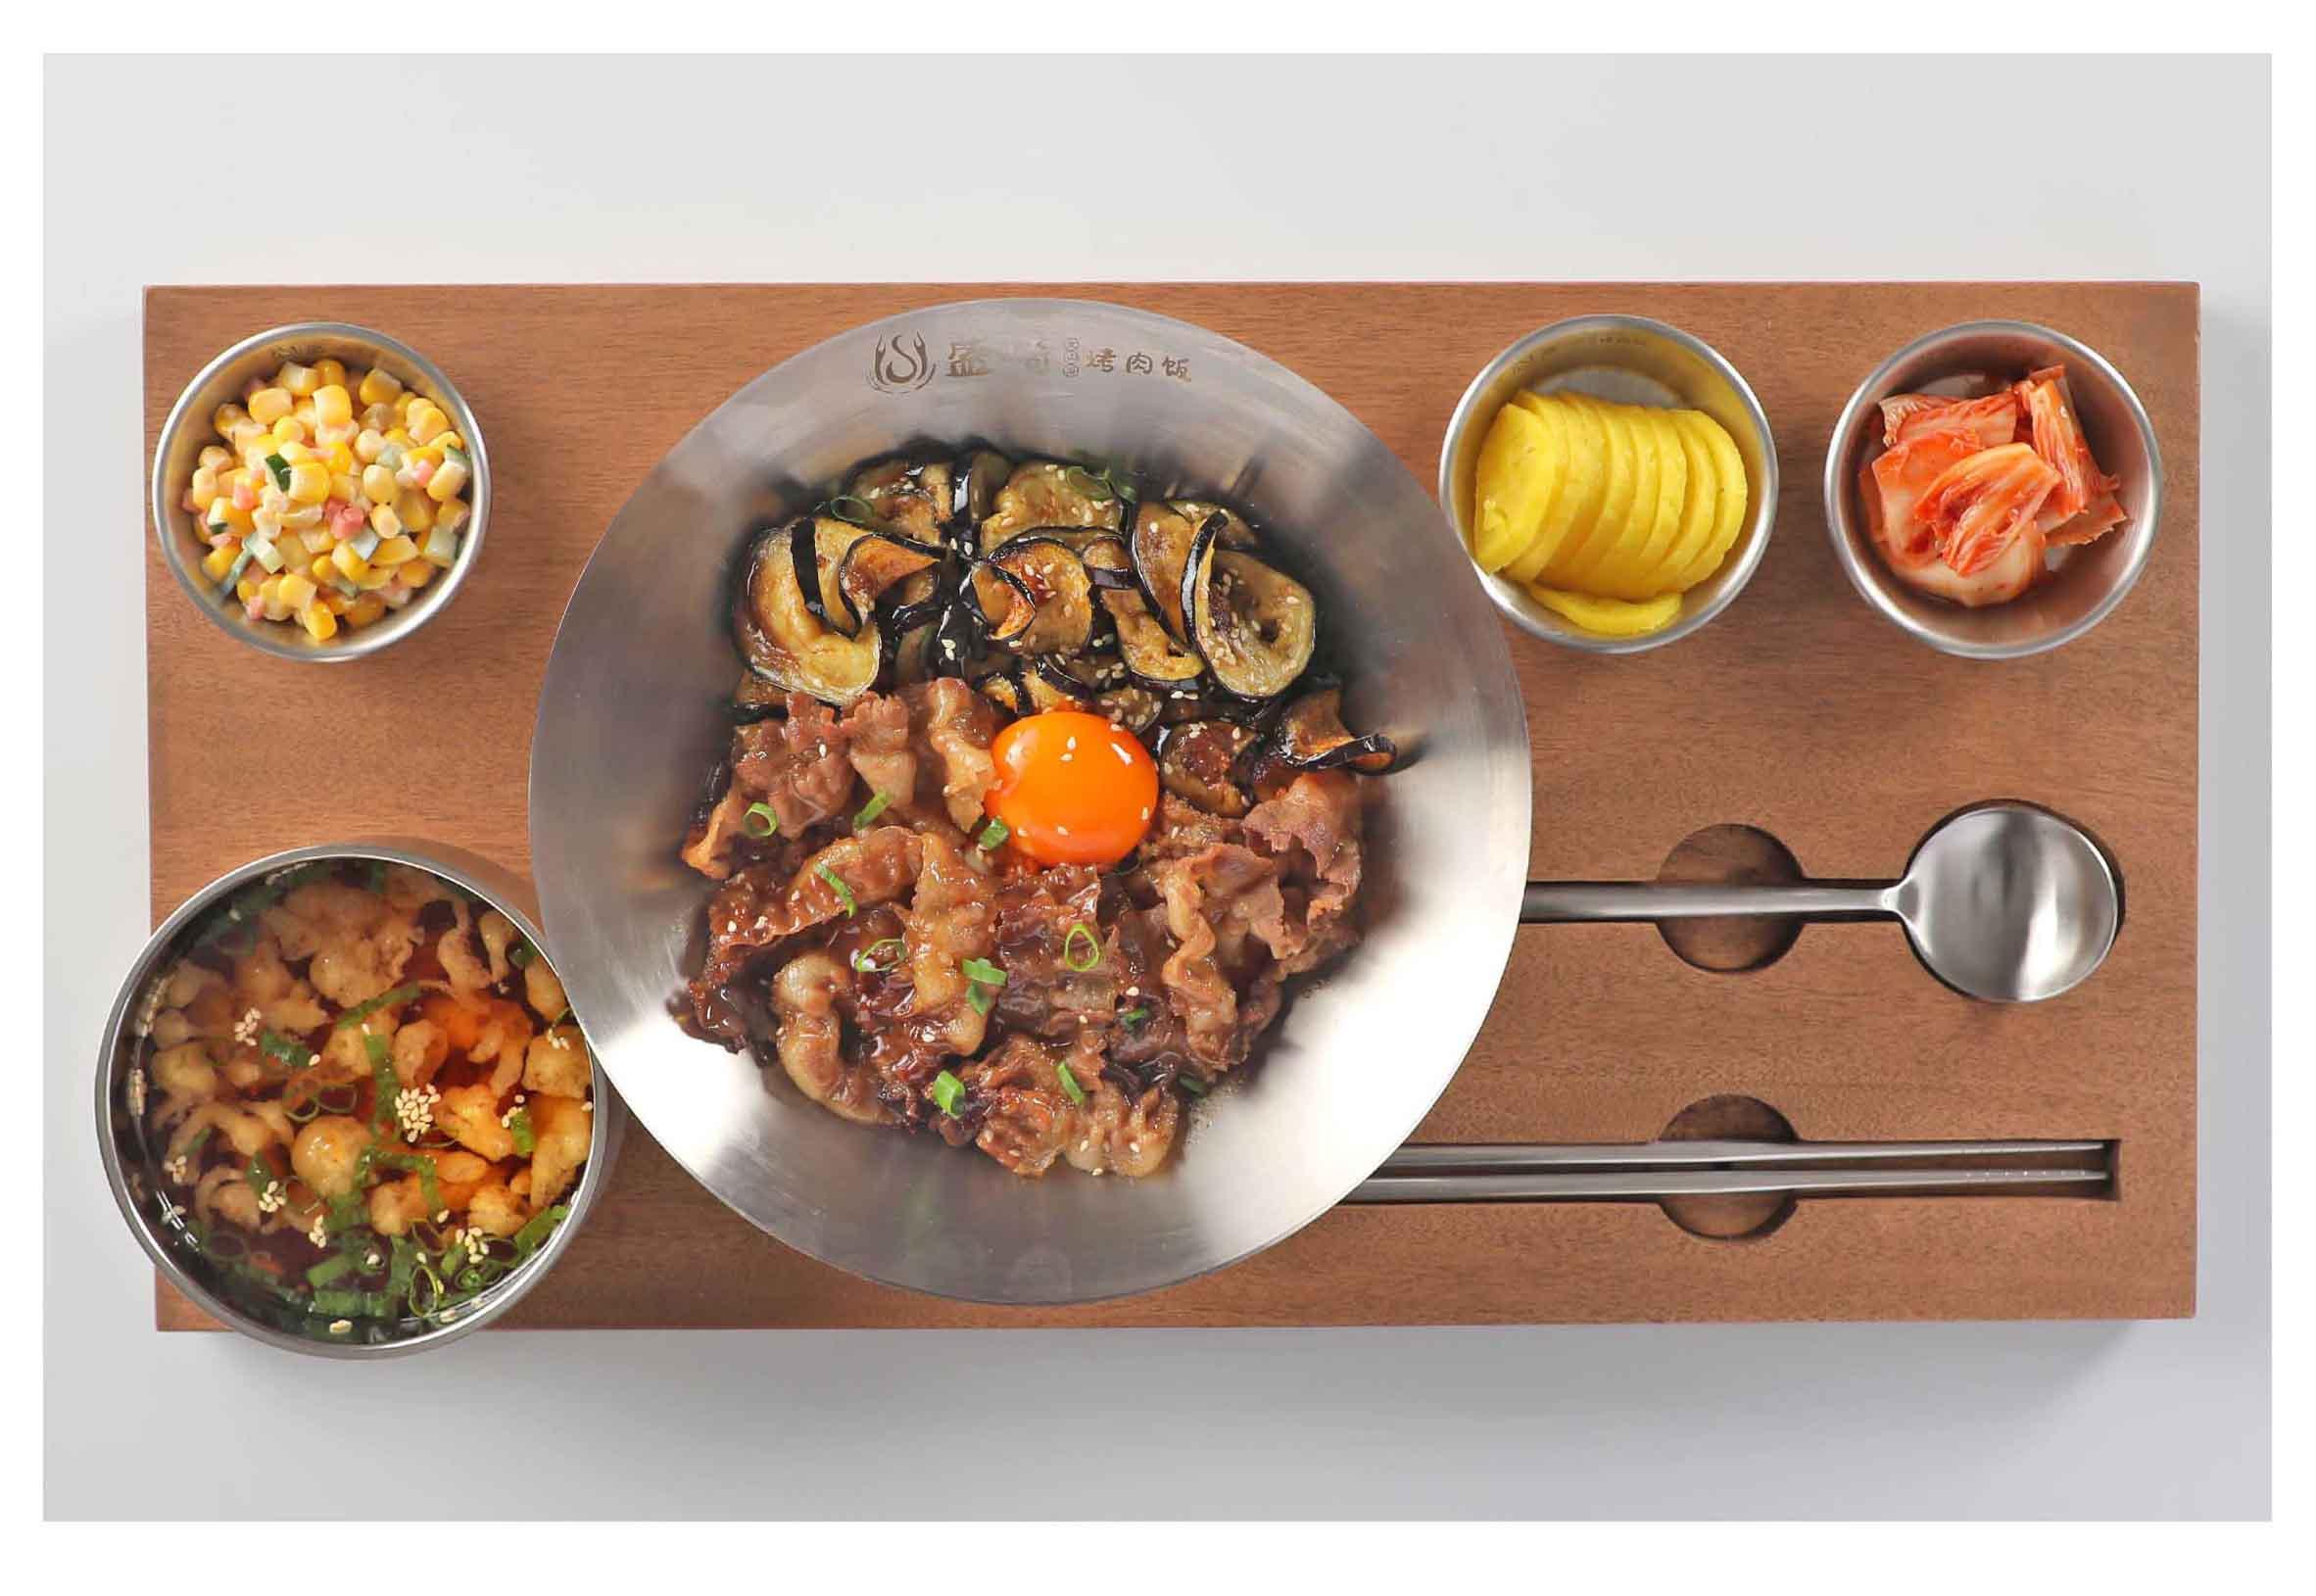 火山石烤肉饭加盟|给您推荐烤肉饭加盟